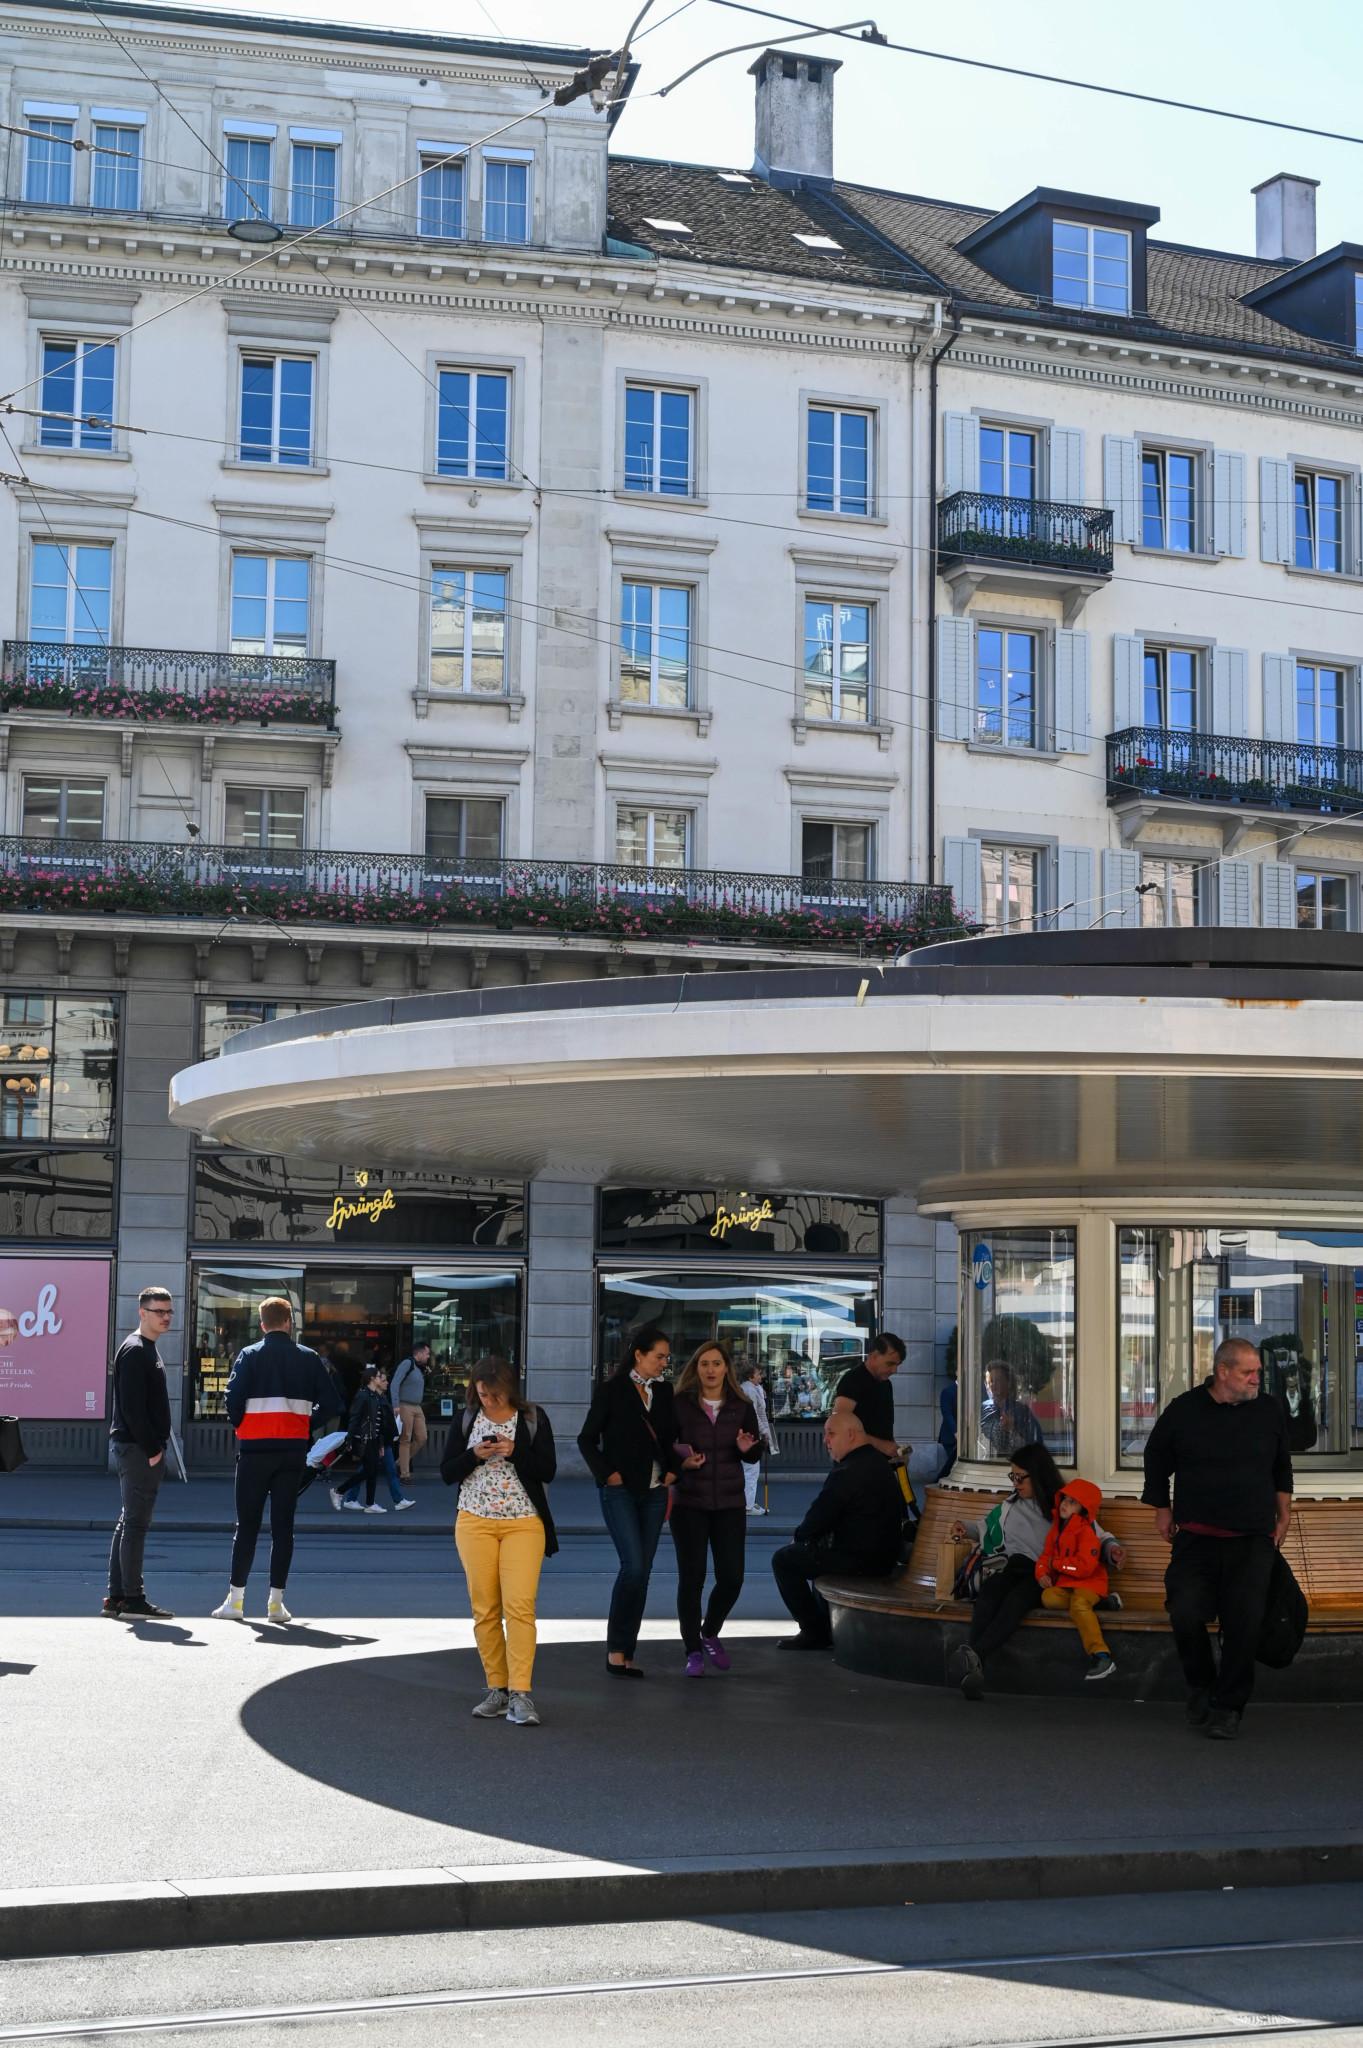 Der hübsche Paradeplatz vereint viele Zürich Sehenswürdigkeiten